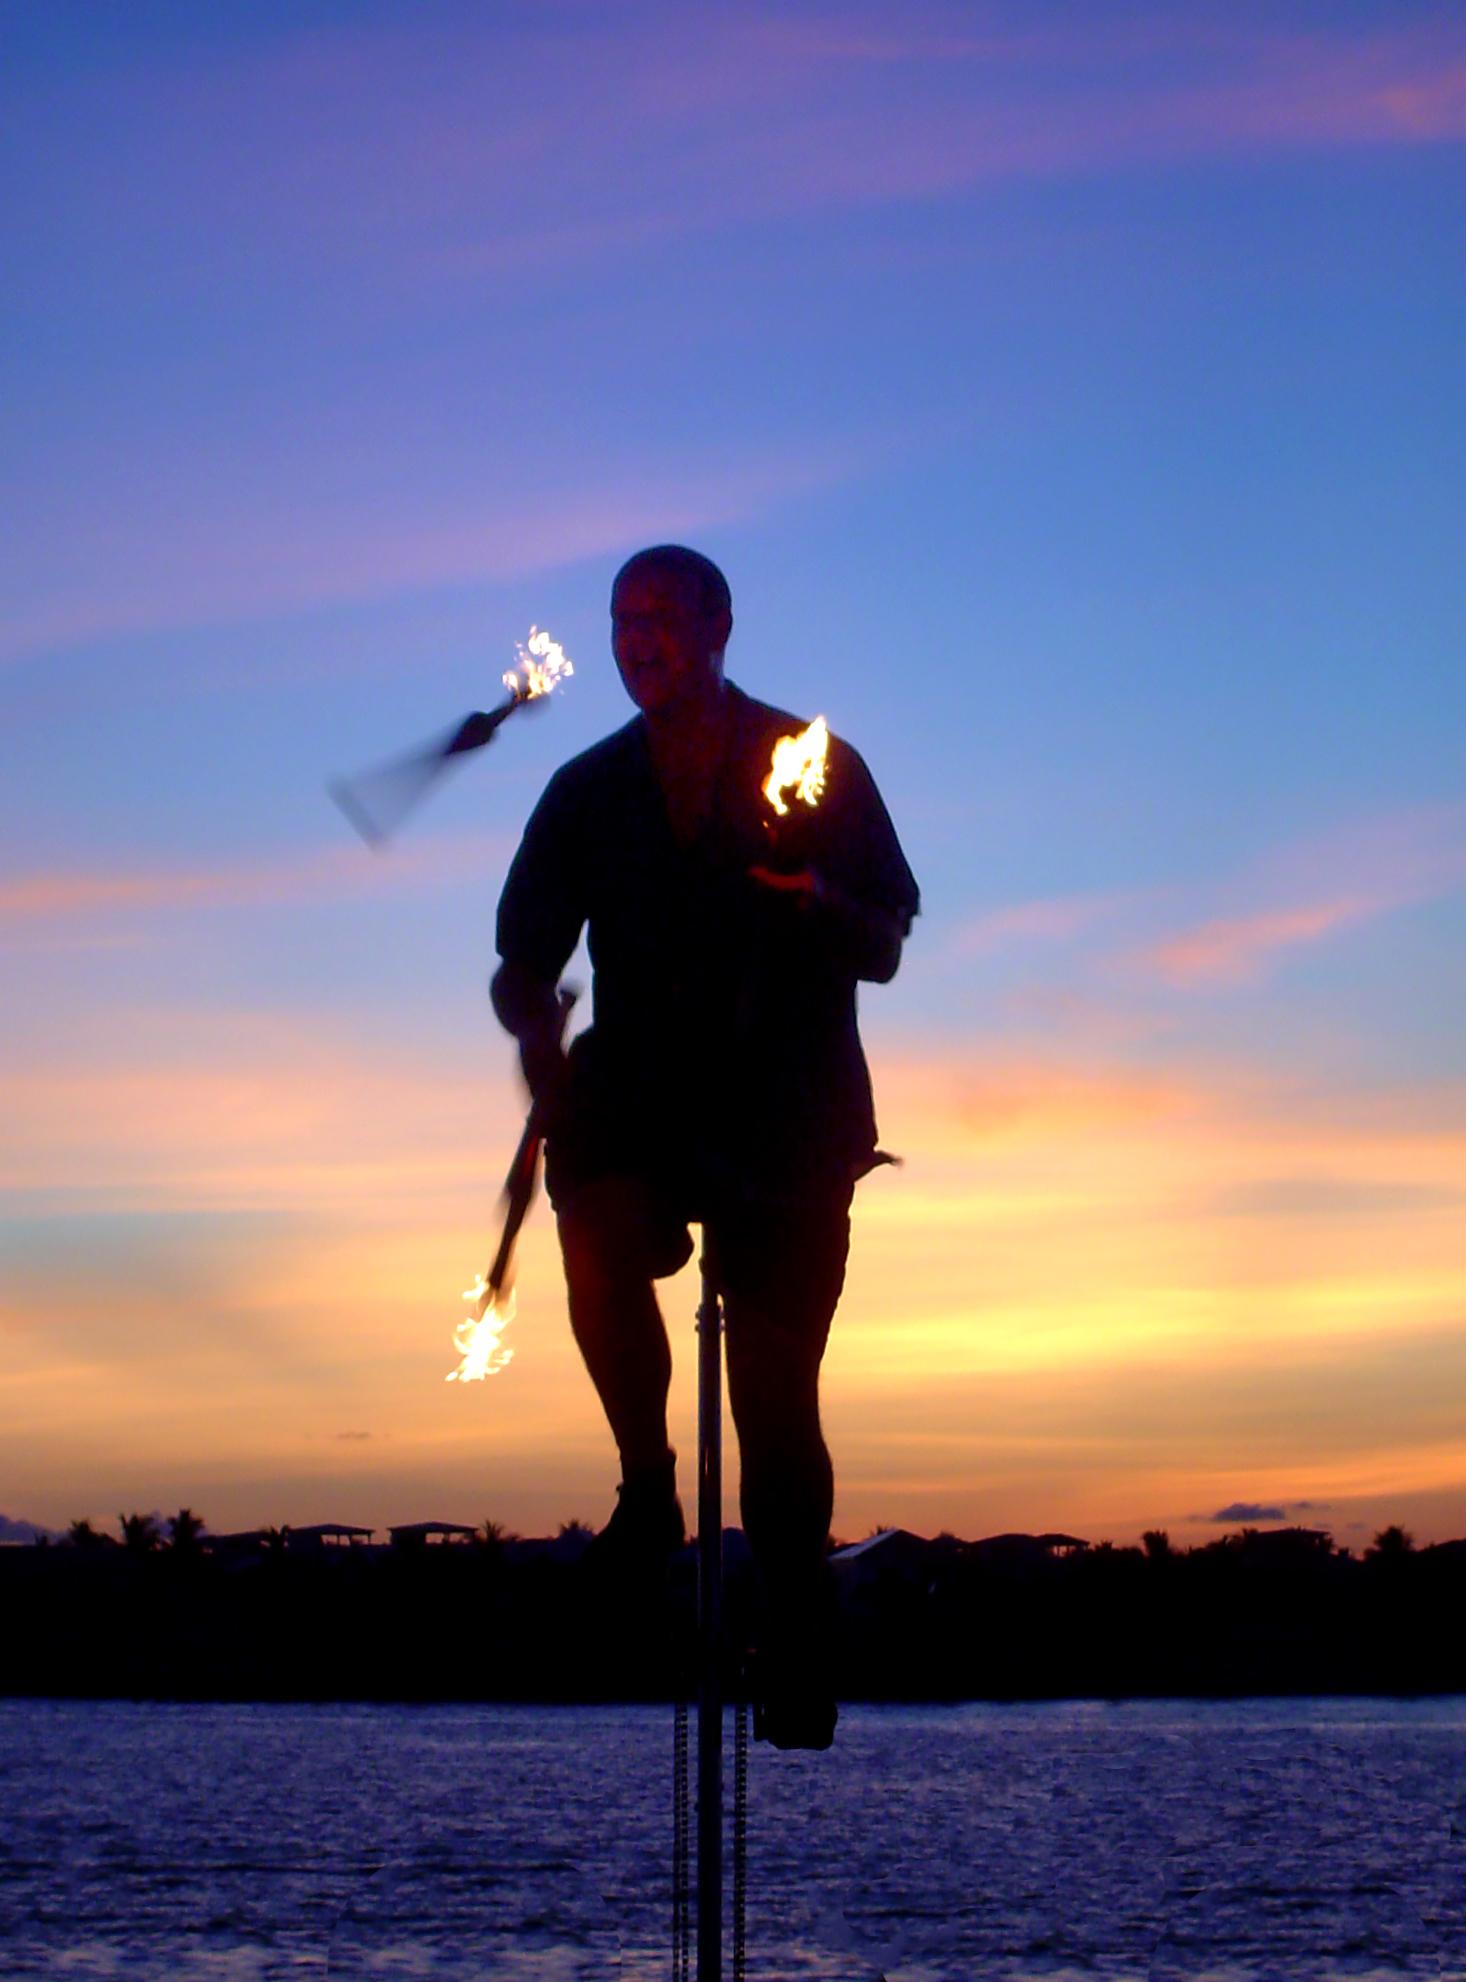 sunset juggler.jpg